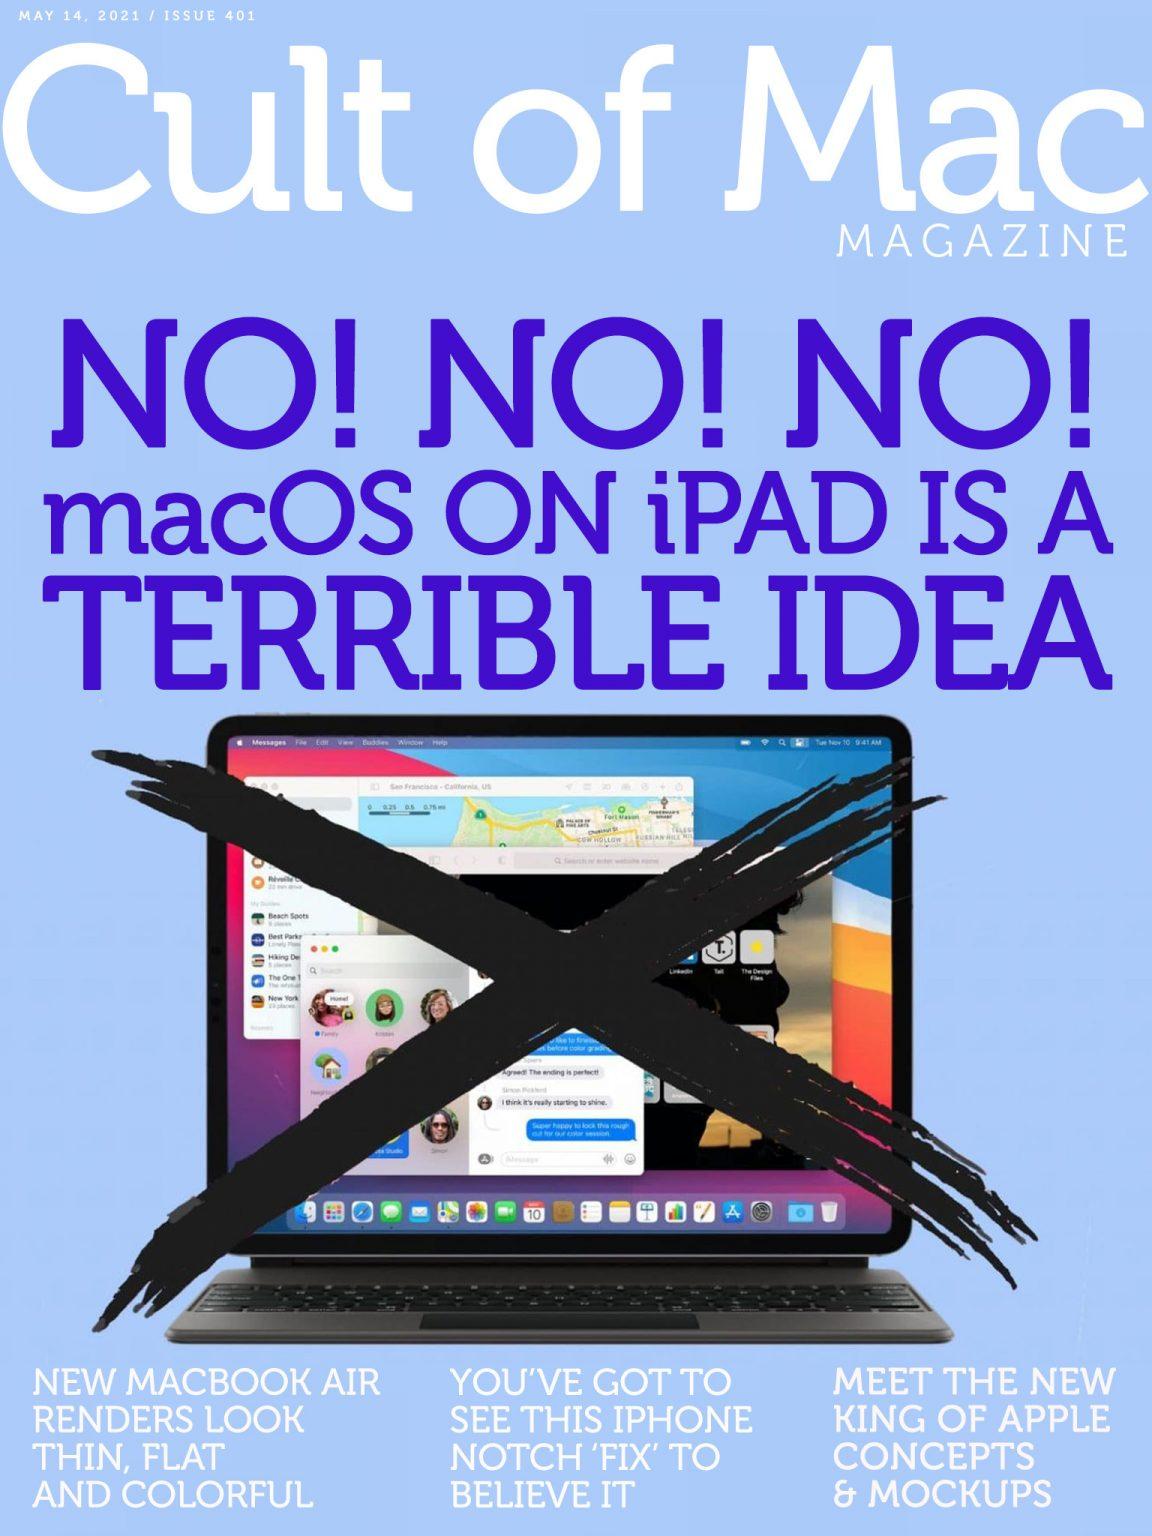 Porting macOS to iPad just doesn't make sense.